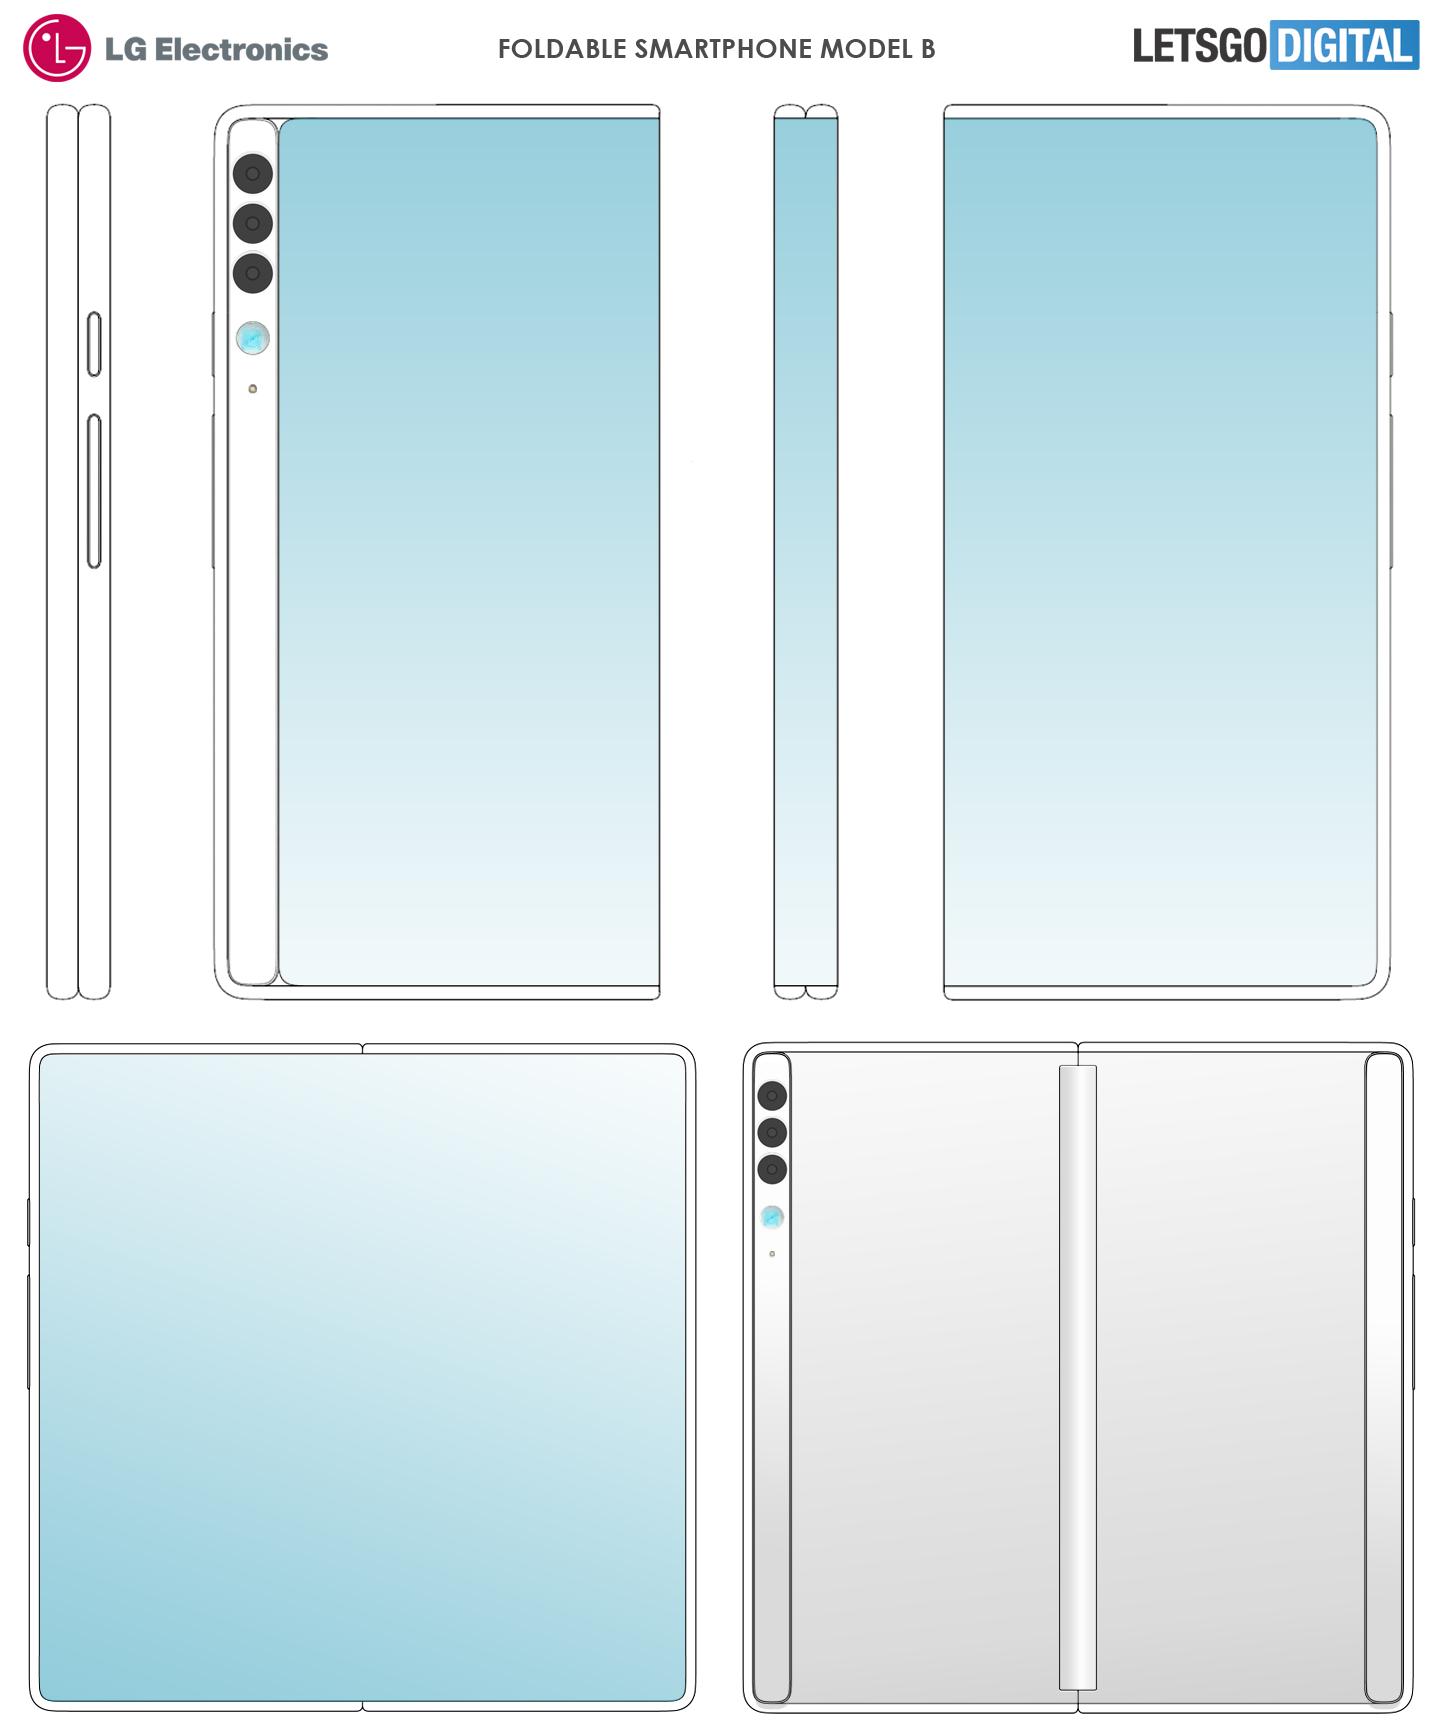 LG opvouwbare telefoon modellen